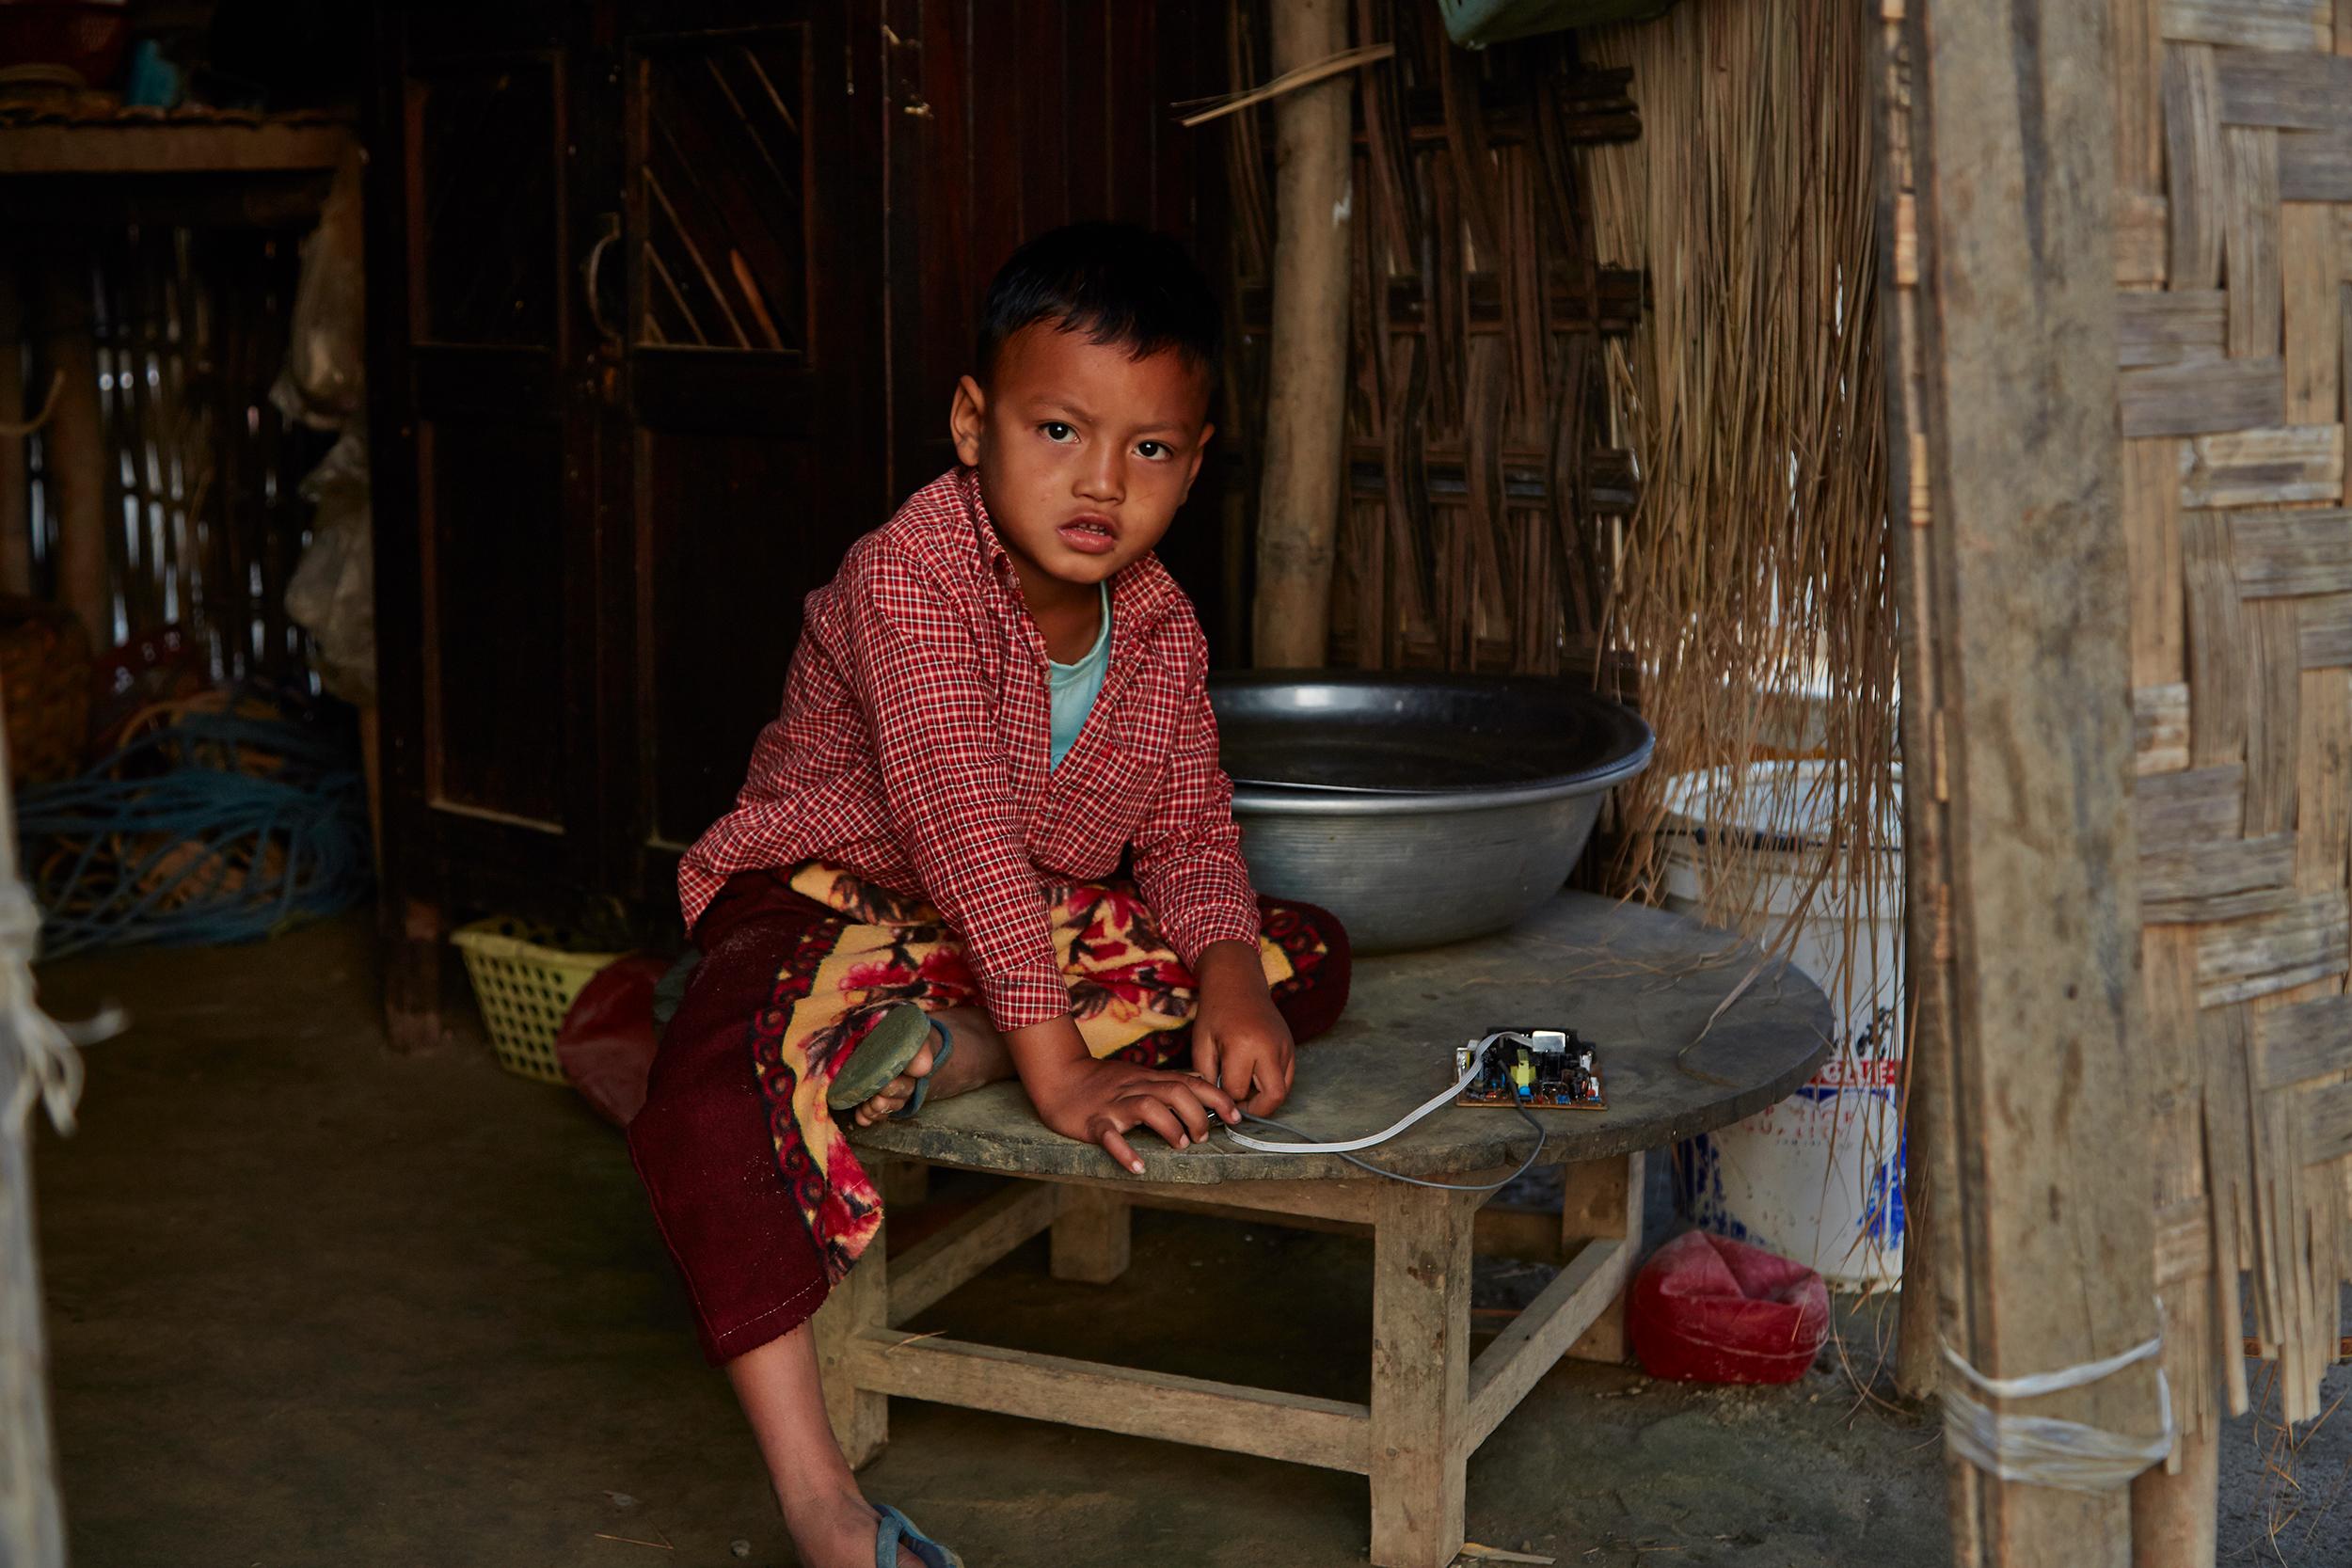 Kanjana-Chaiwatanachai-Image-Works_Mandalay_2014.01.18_0140w.jpg